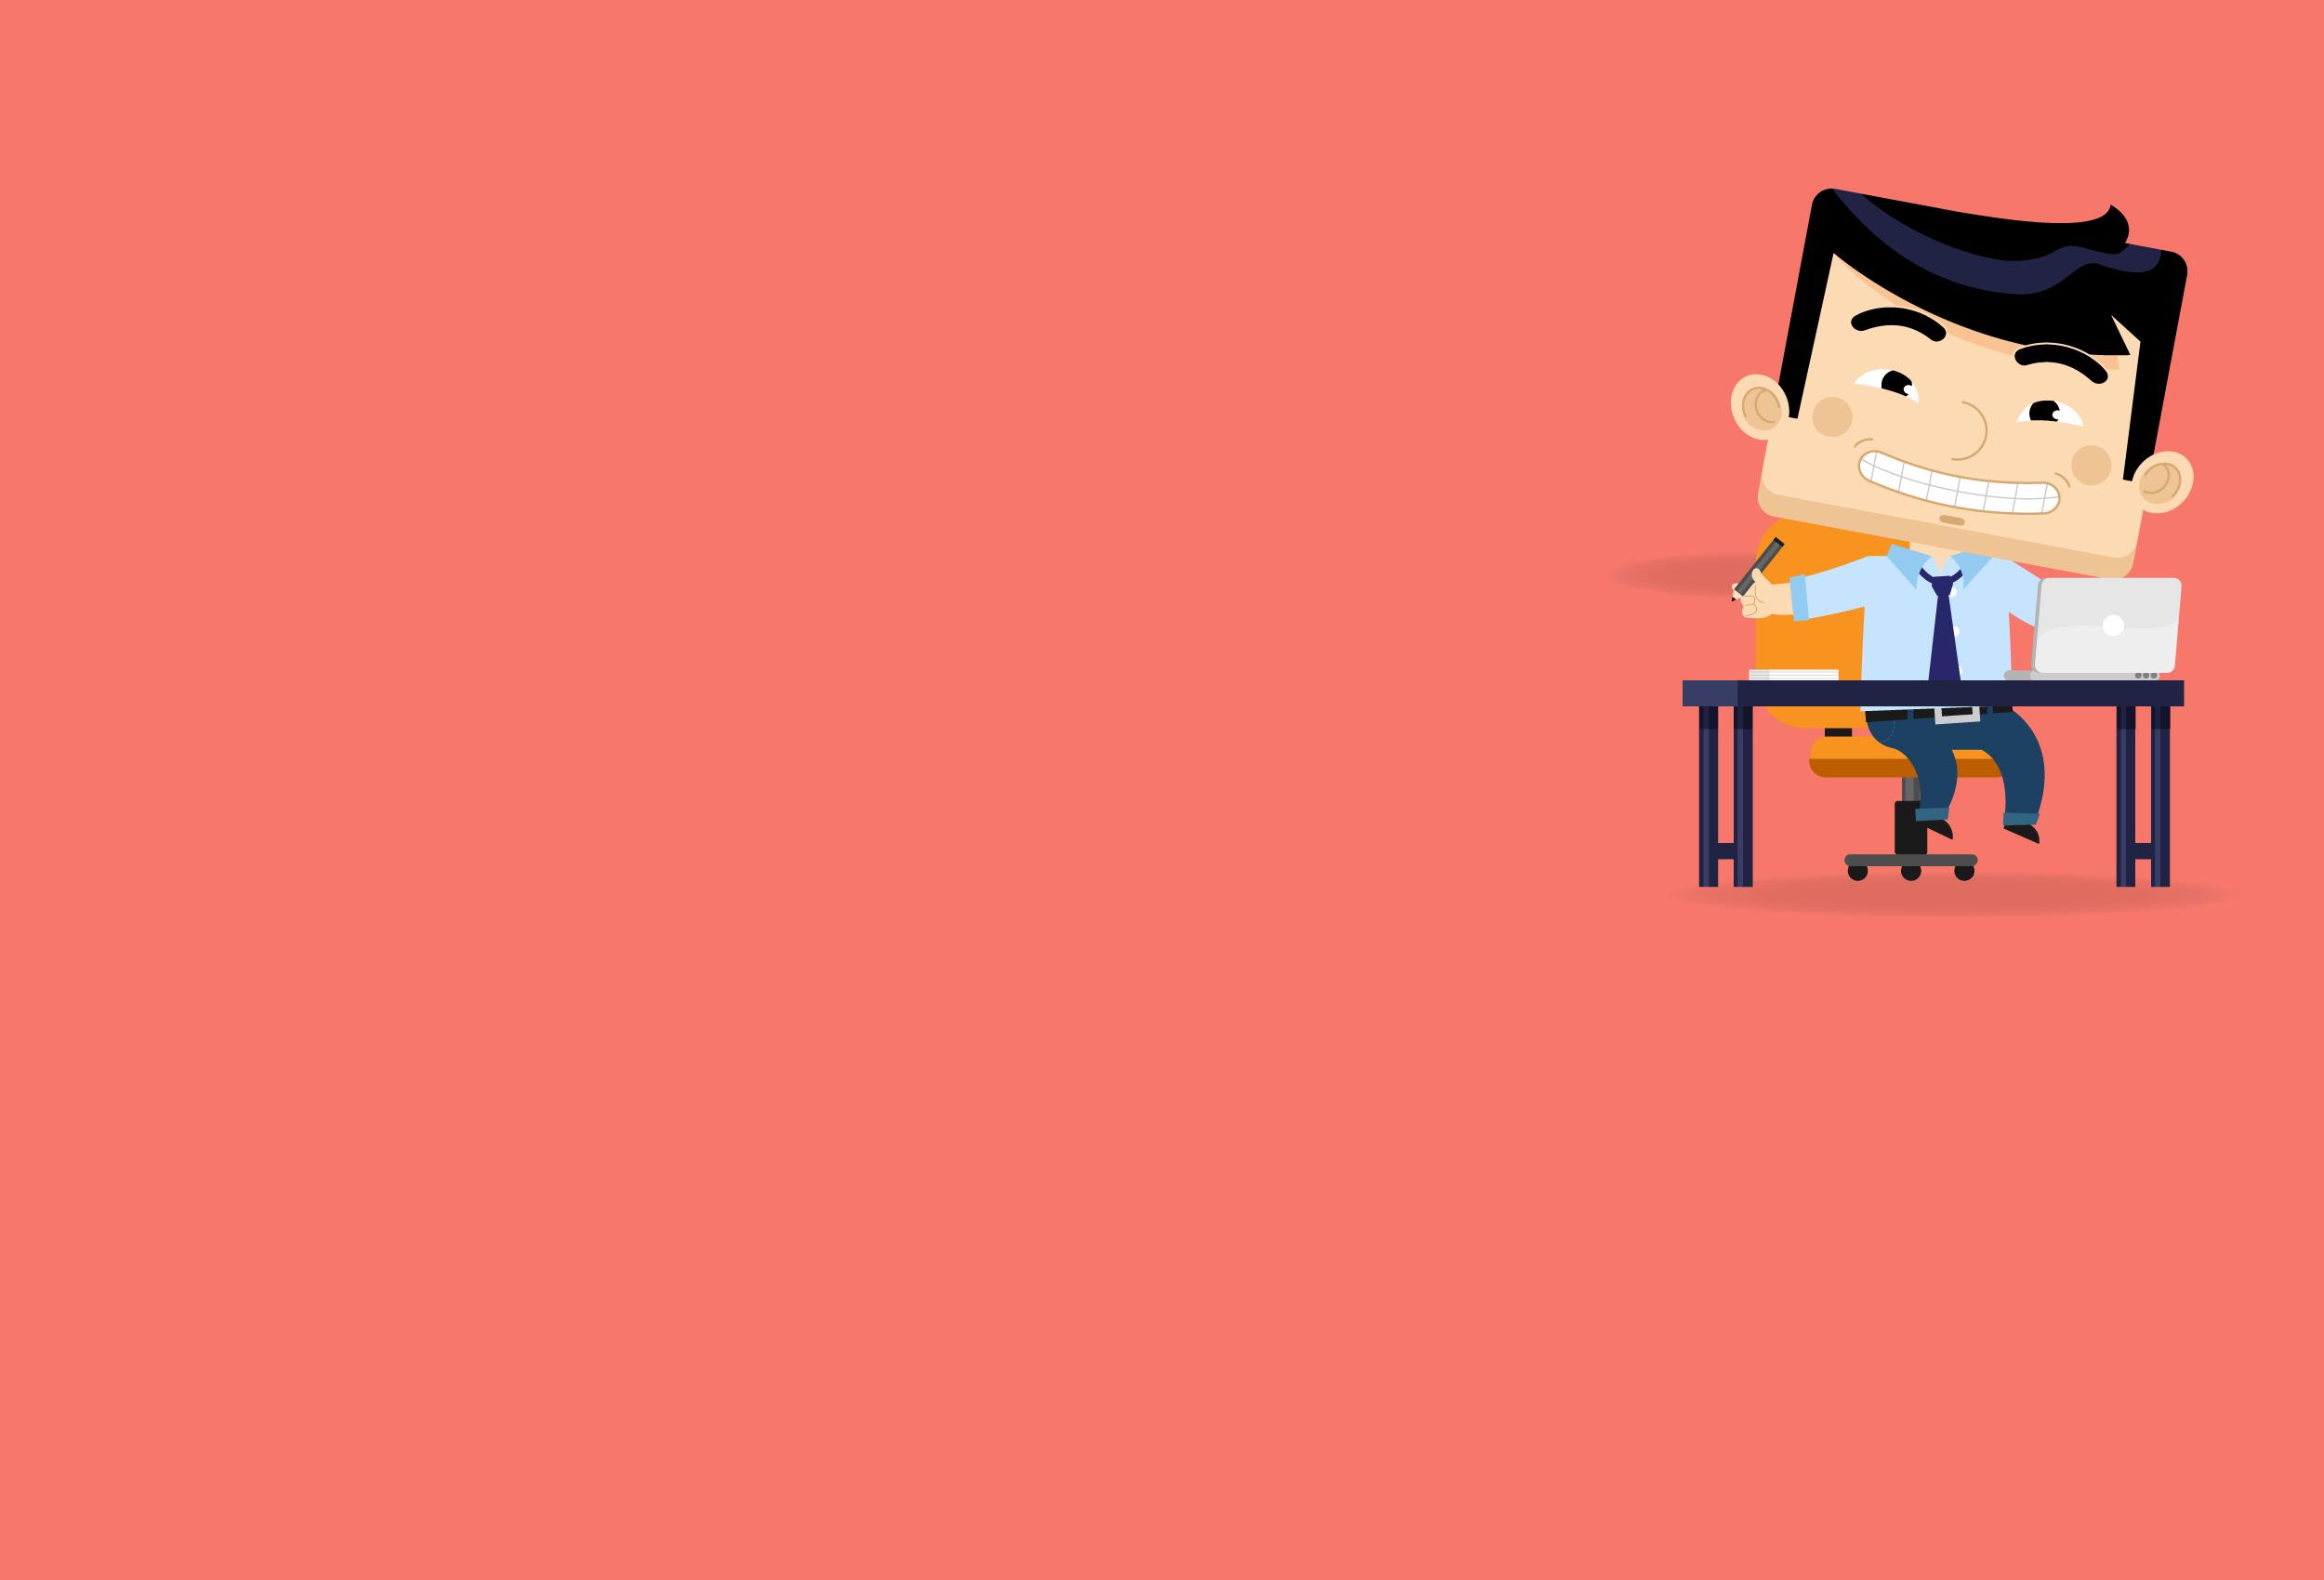 Brindamos soporte y asesoramiento creativo y técnico a costos realmente competitivos.